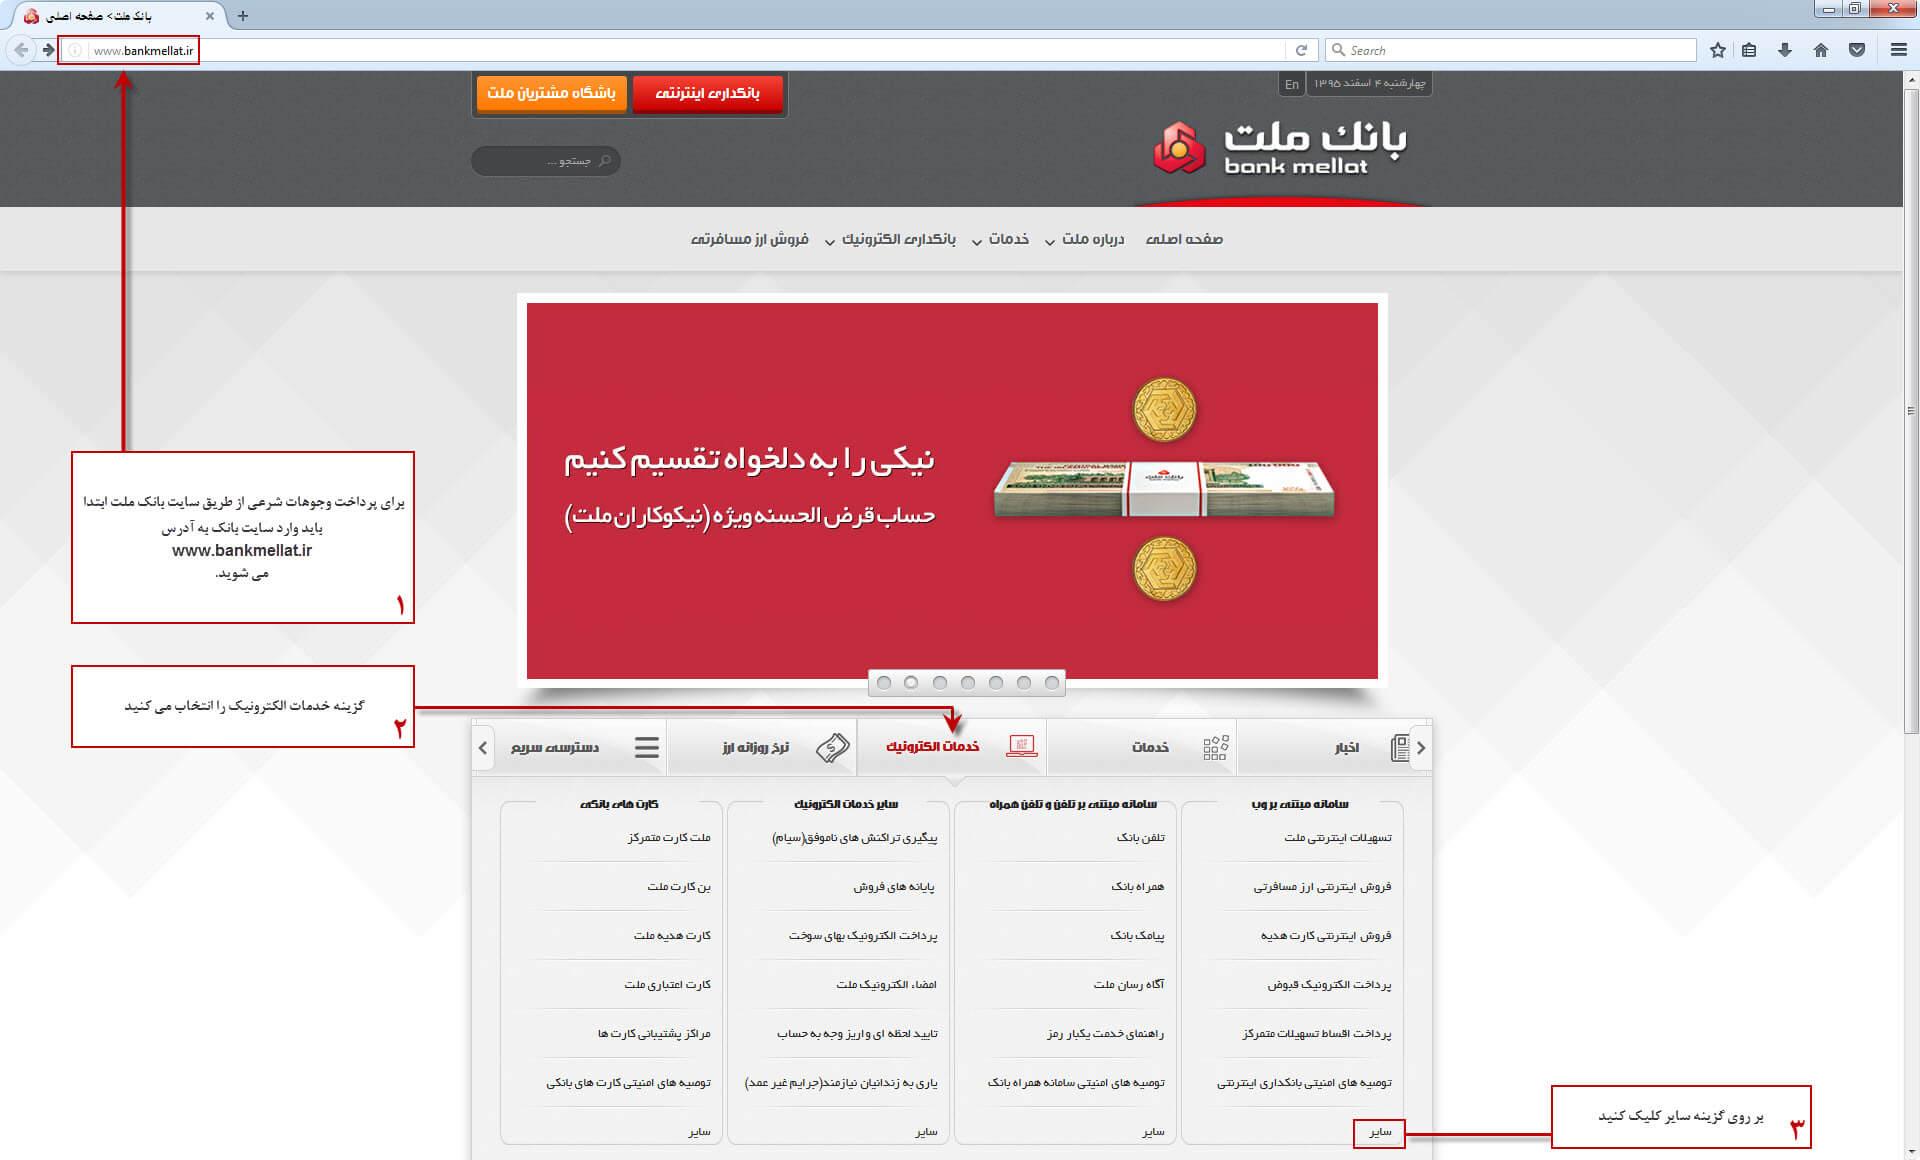 برای پرداخت وجوهات شرعی از طریق سایت بانک ملت ابتدا باید وارد سایت بانک به آدرس www.bankmellat.ir می شوید.  گزینه خدمات الکترونیک را انتخاب می کنید-مدرسه الامام امیر المومنین (ع)